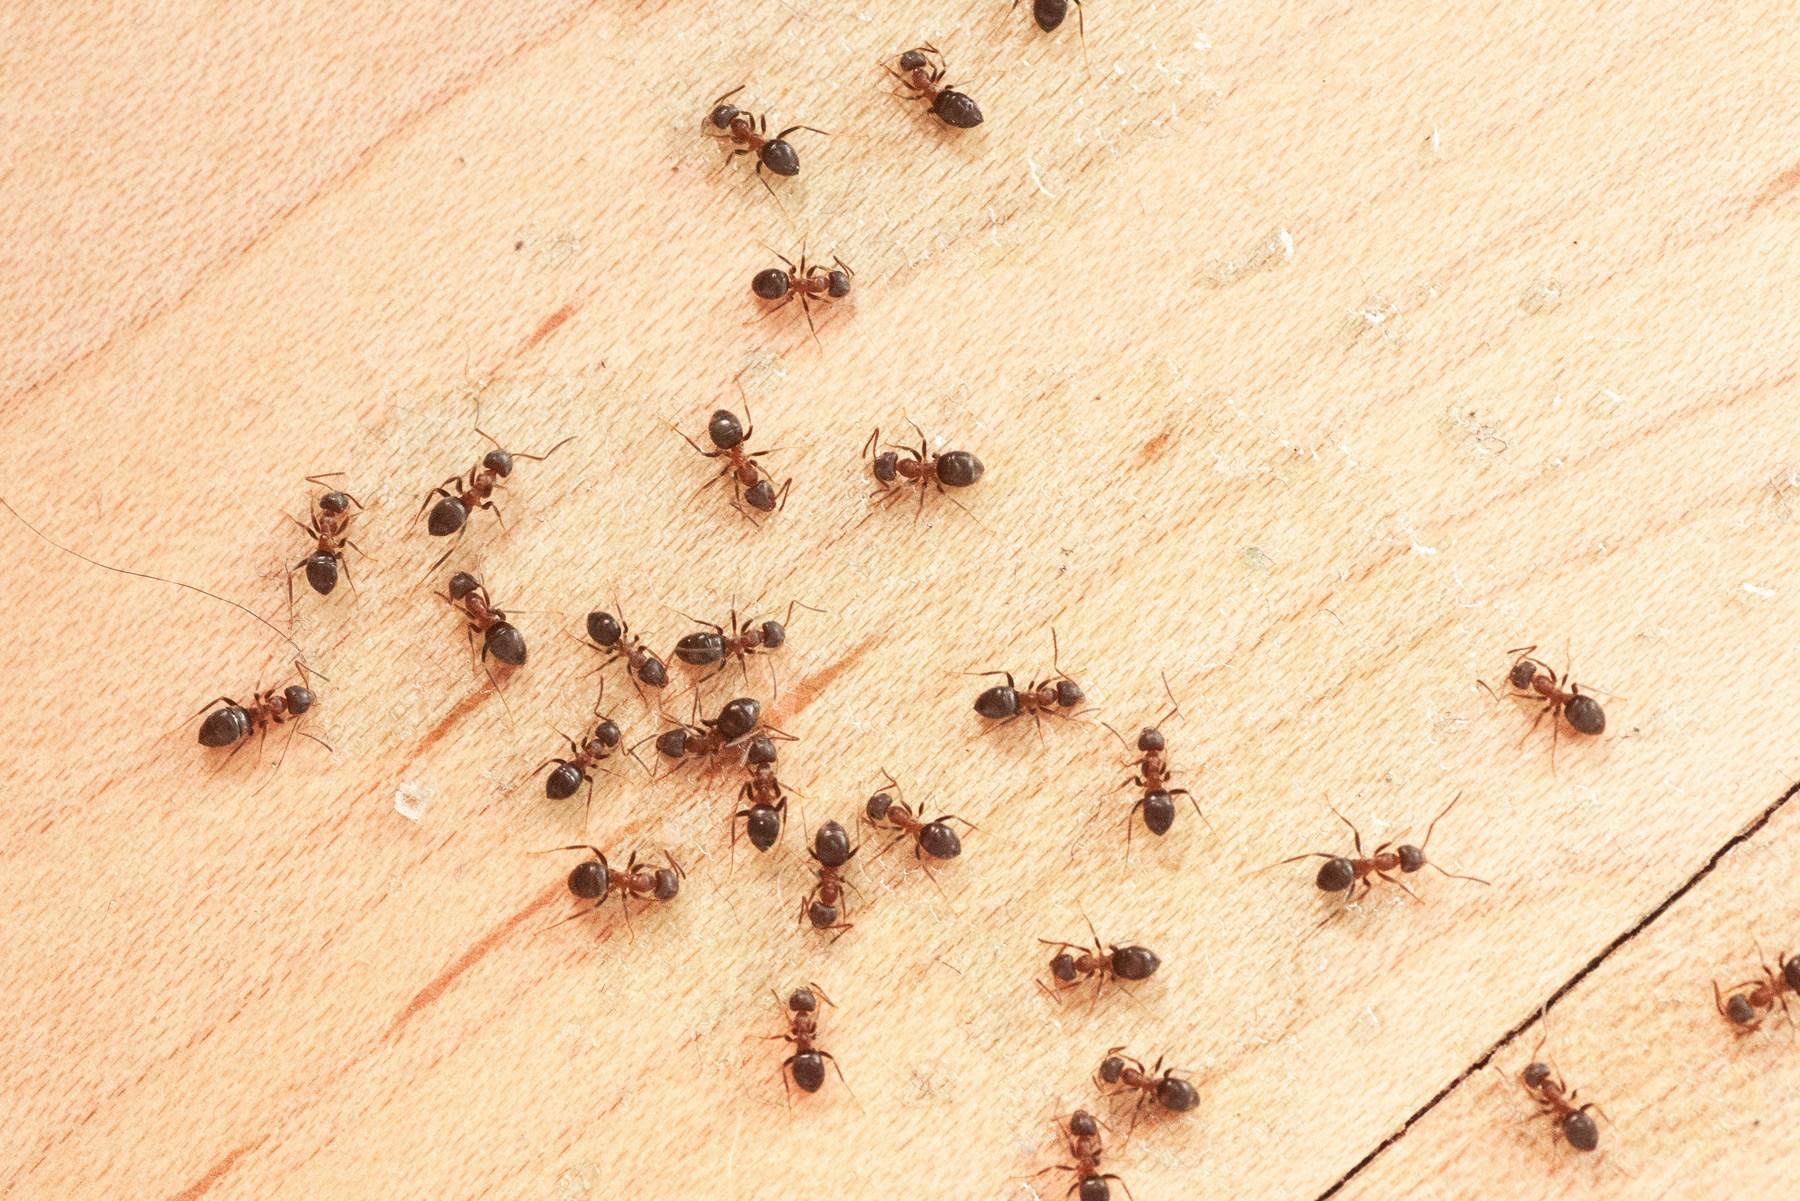 Estos son los insectos más peligrosos de la tierra